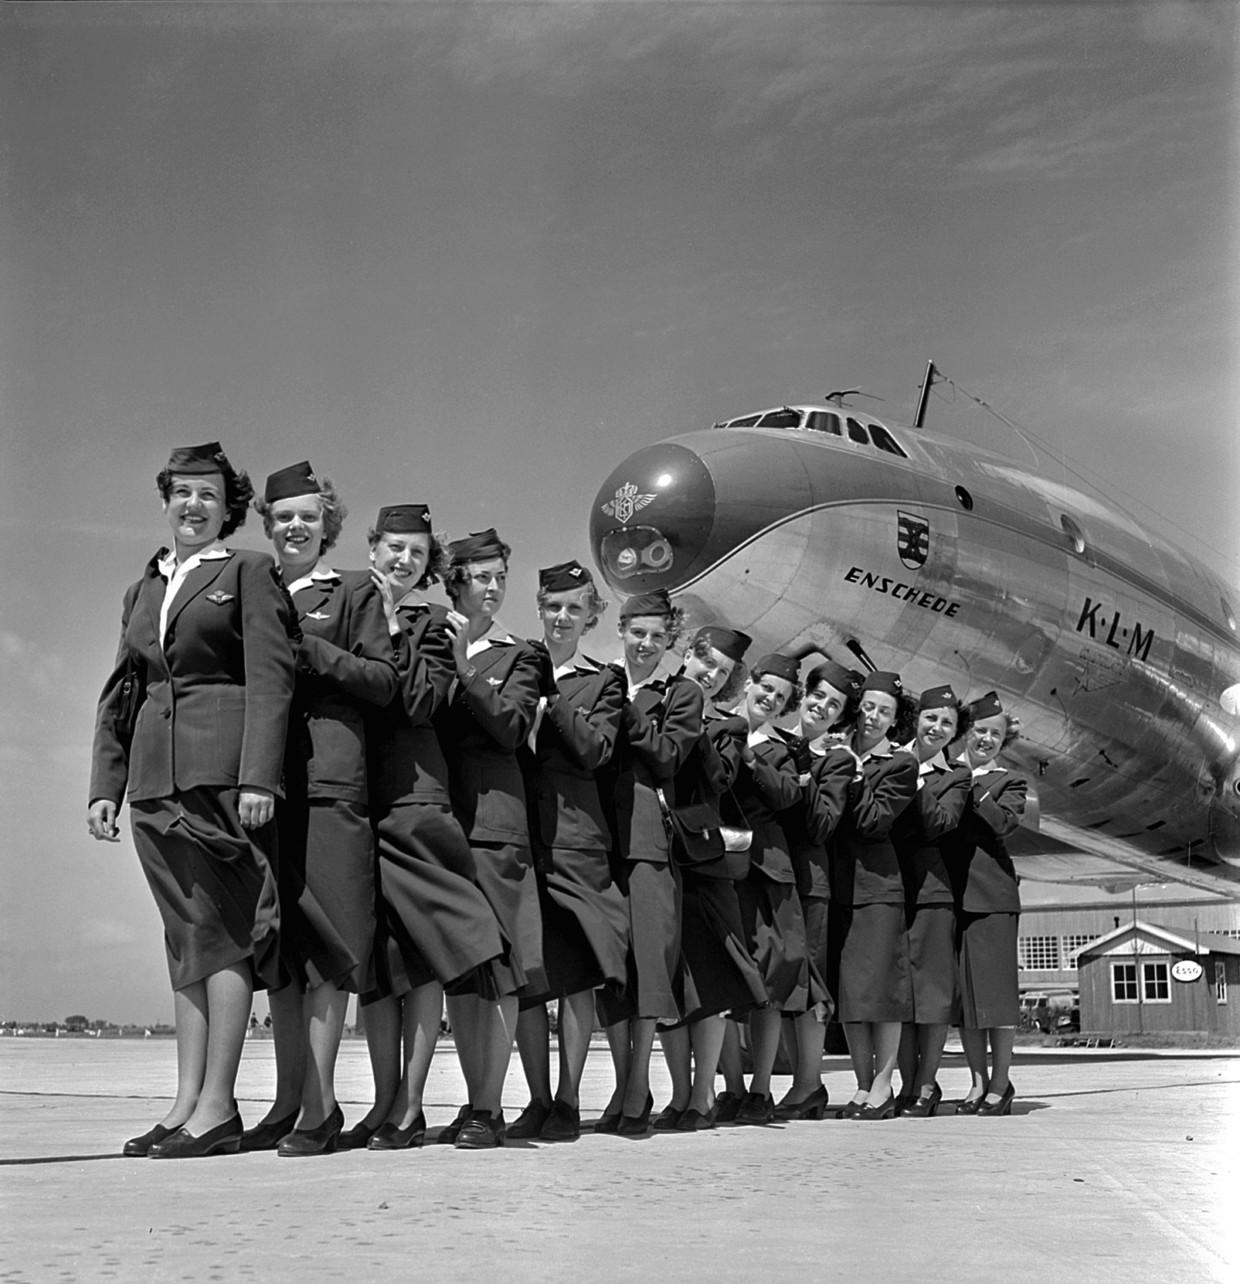 Twaalf stewardessen poseren in 1950 voor de Enschede, een Lockheed Constellation van de KLM.